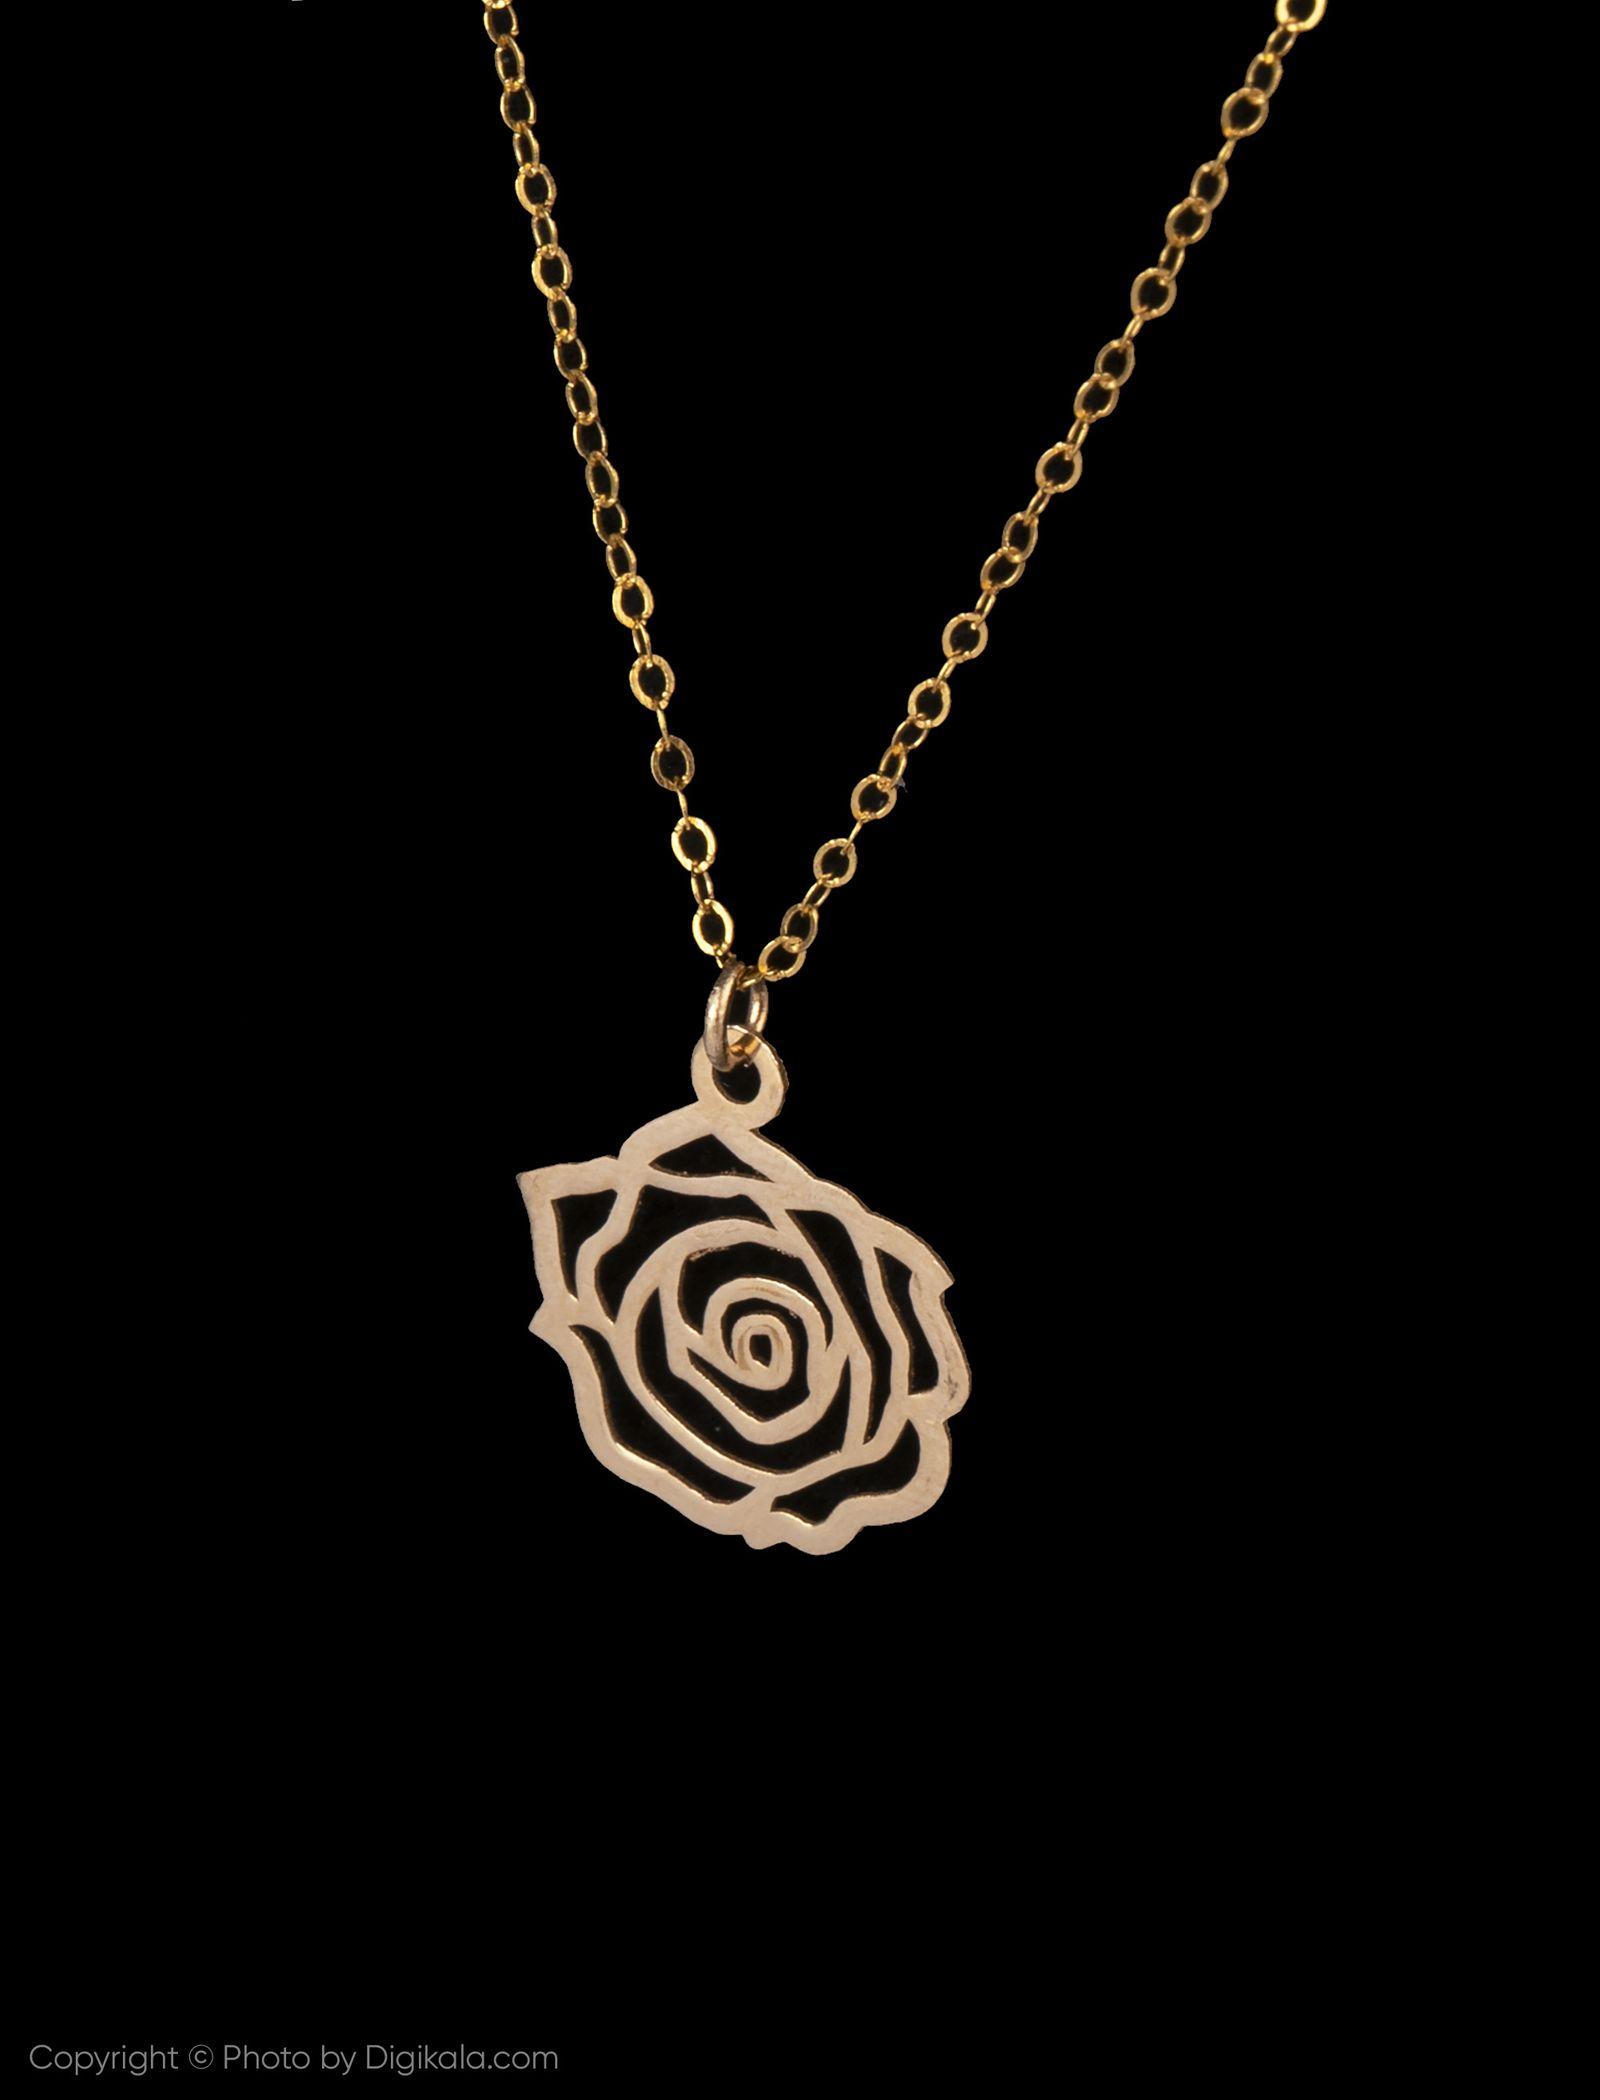 گردنبند طلا 18 عیار زنانه مایا ماهک مدل MM0959 -  - 3